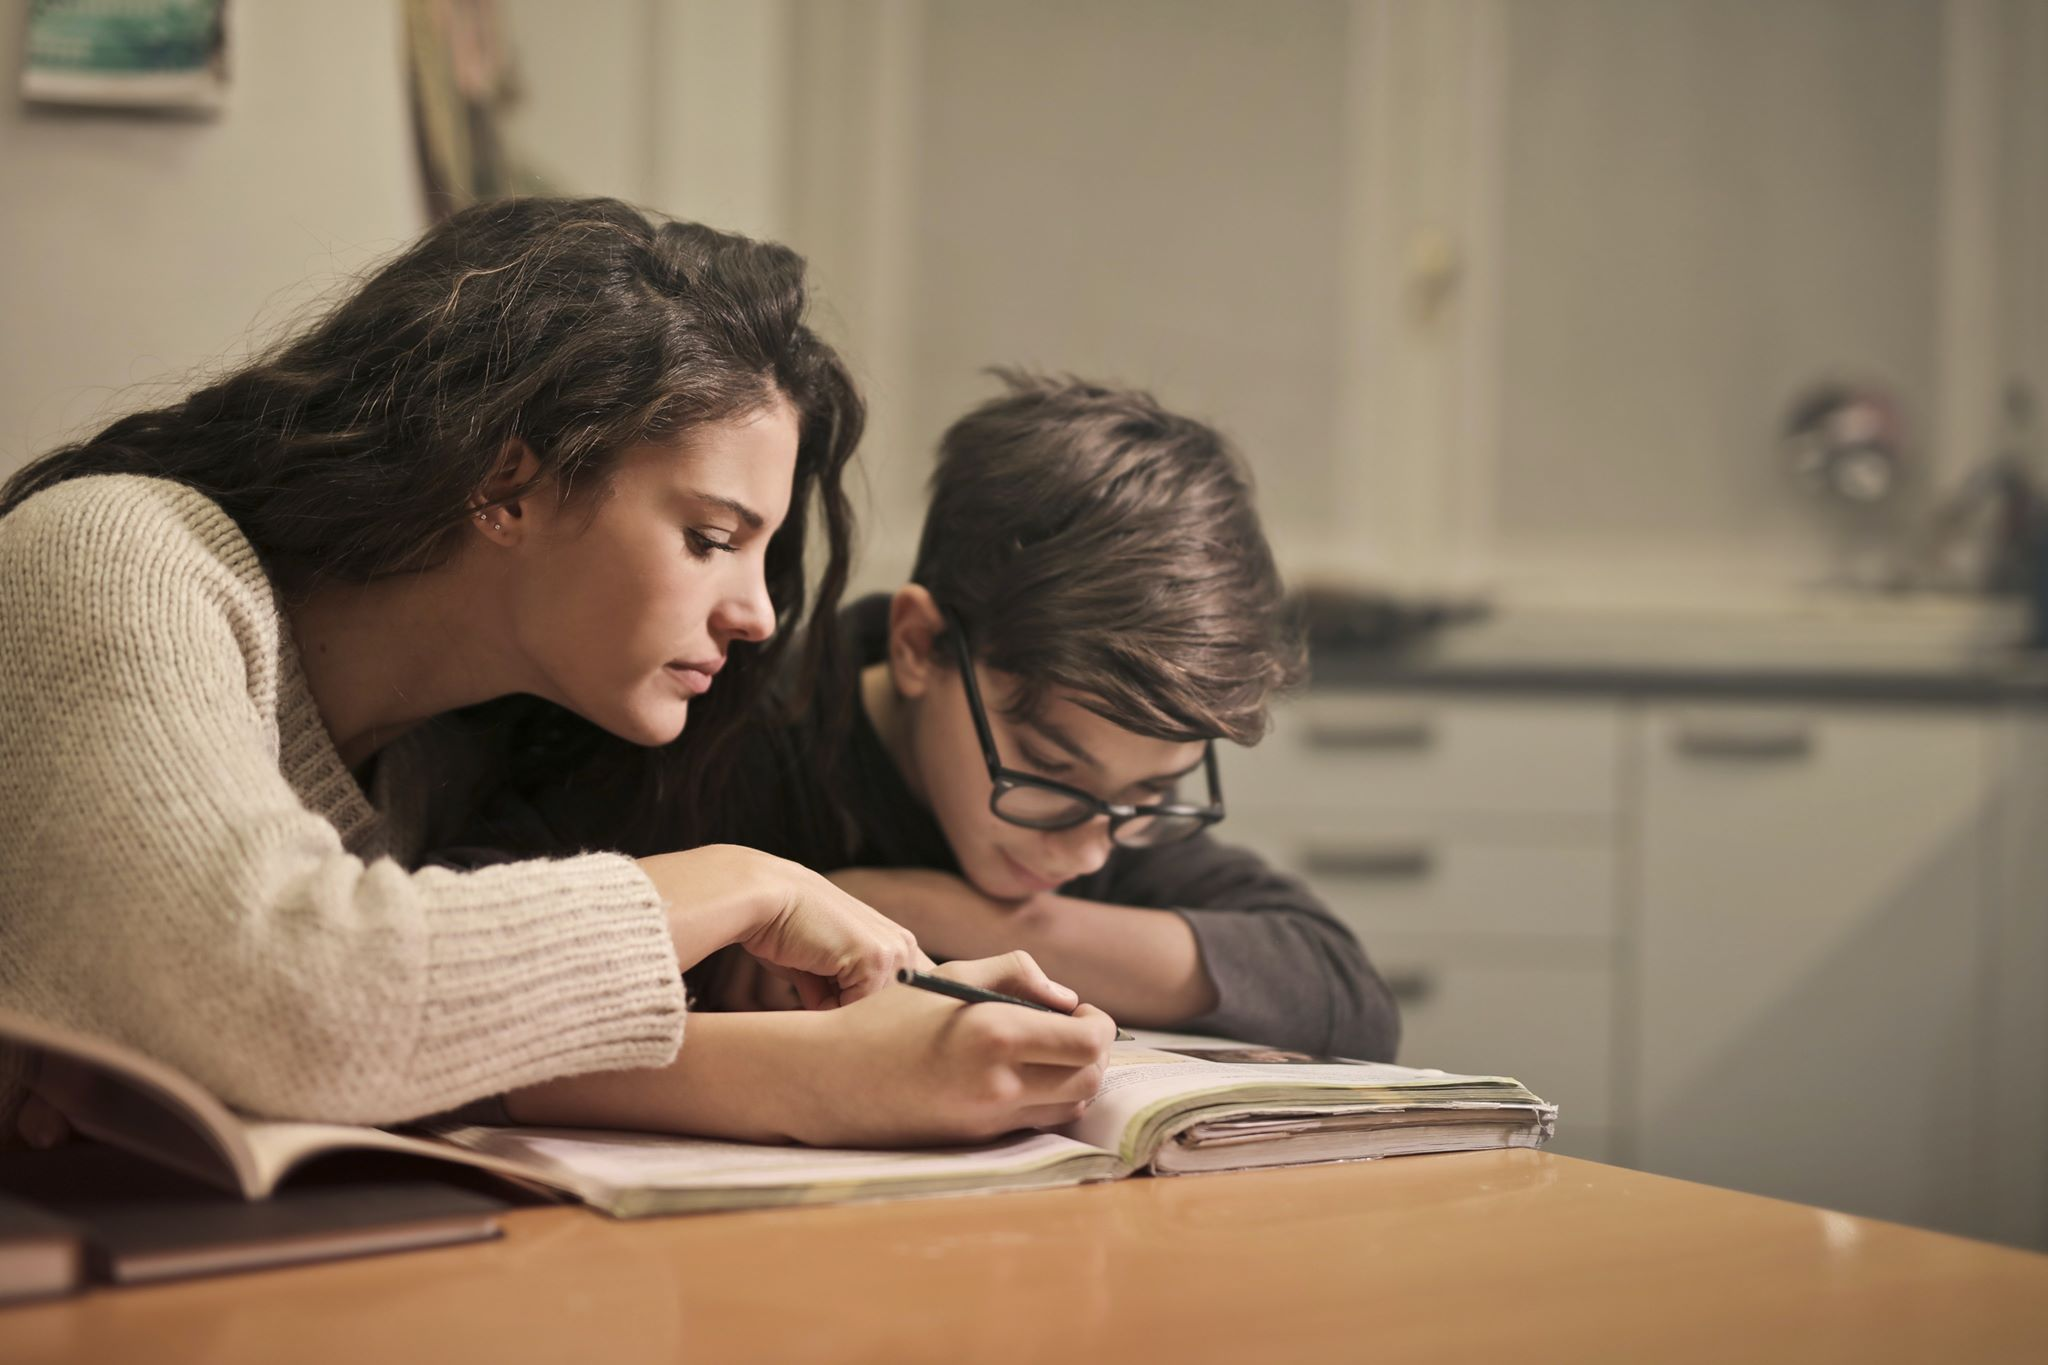 Comment identifier la dyslexie chez mon enfant en 3 étapes faciles